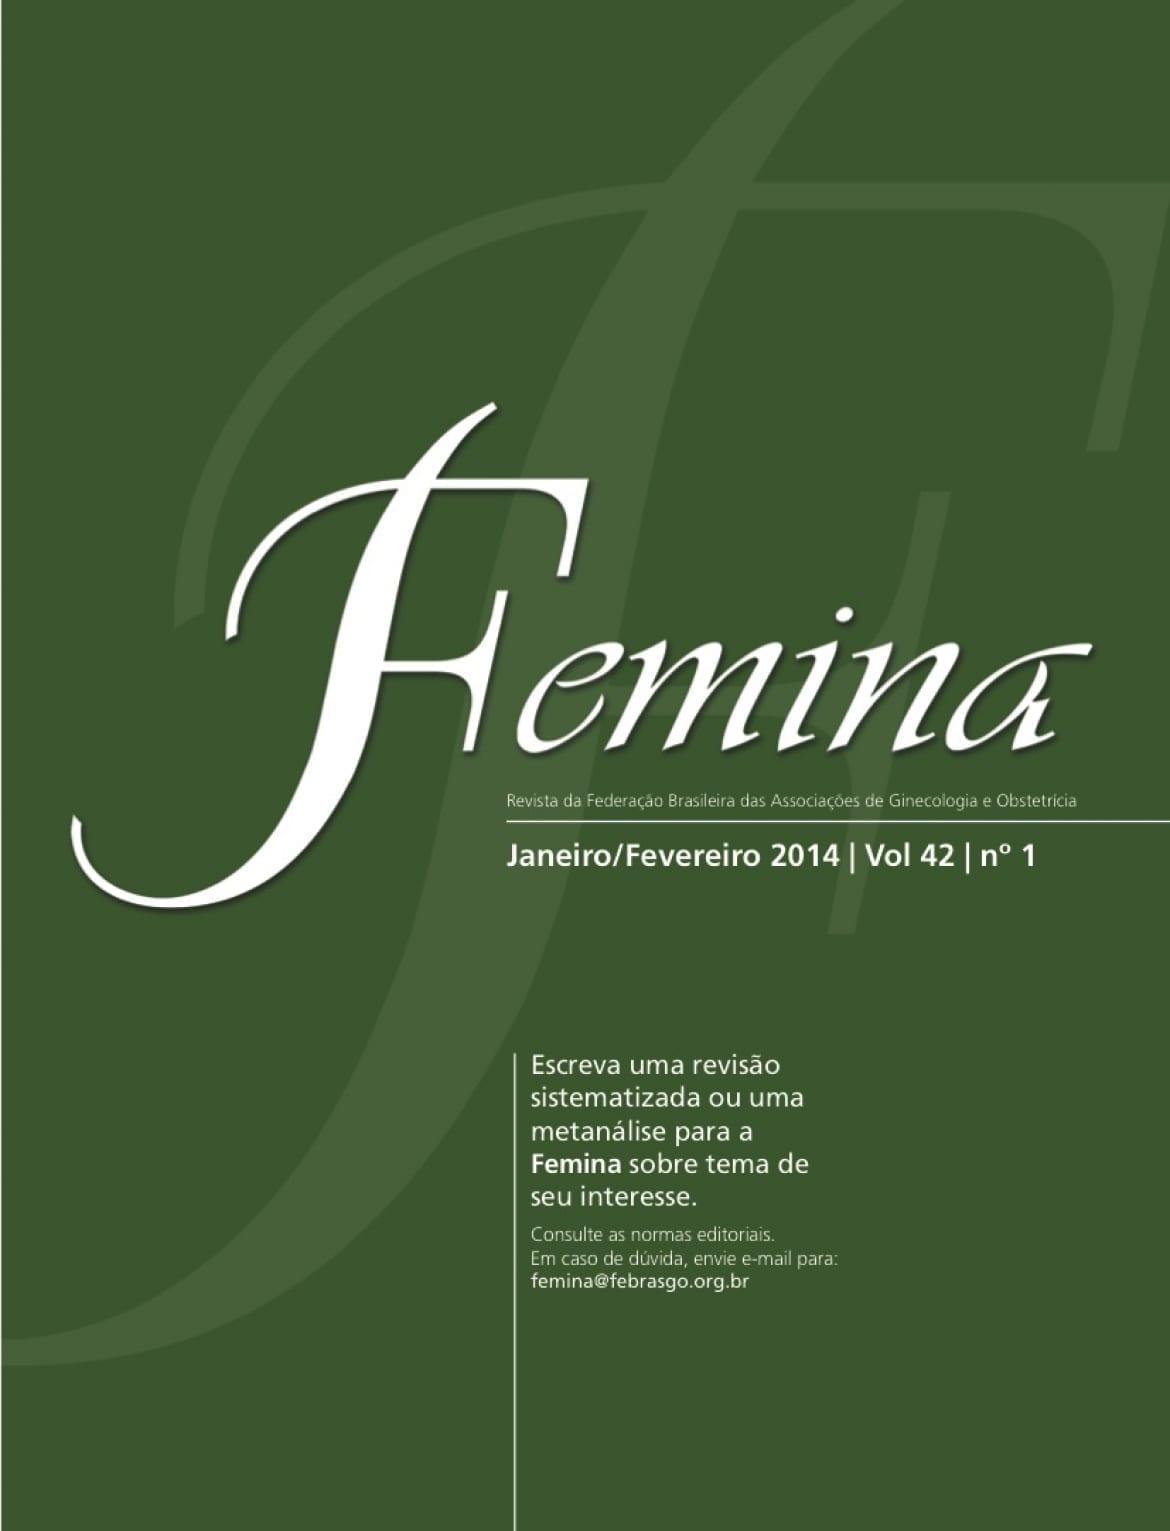 """Dra Sofia Andrade é autora do artigo: """"Complicações fetais na Gemelaridade Monocoriônica: quadro clínico, fisiopatologia, diagnóstico e conduta""""."""